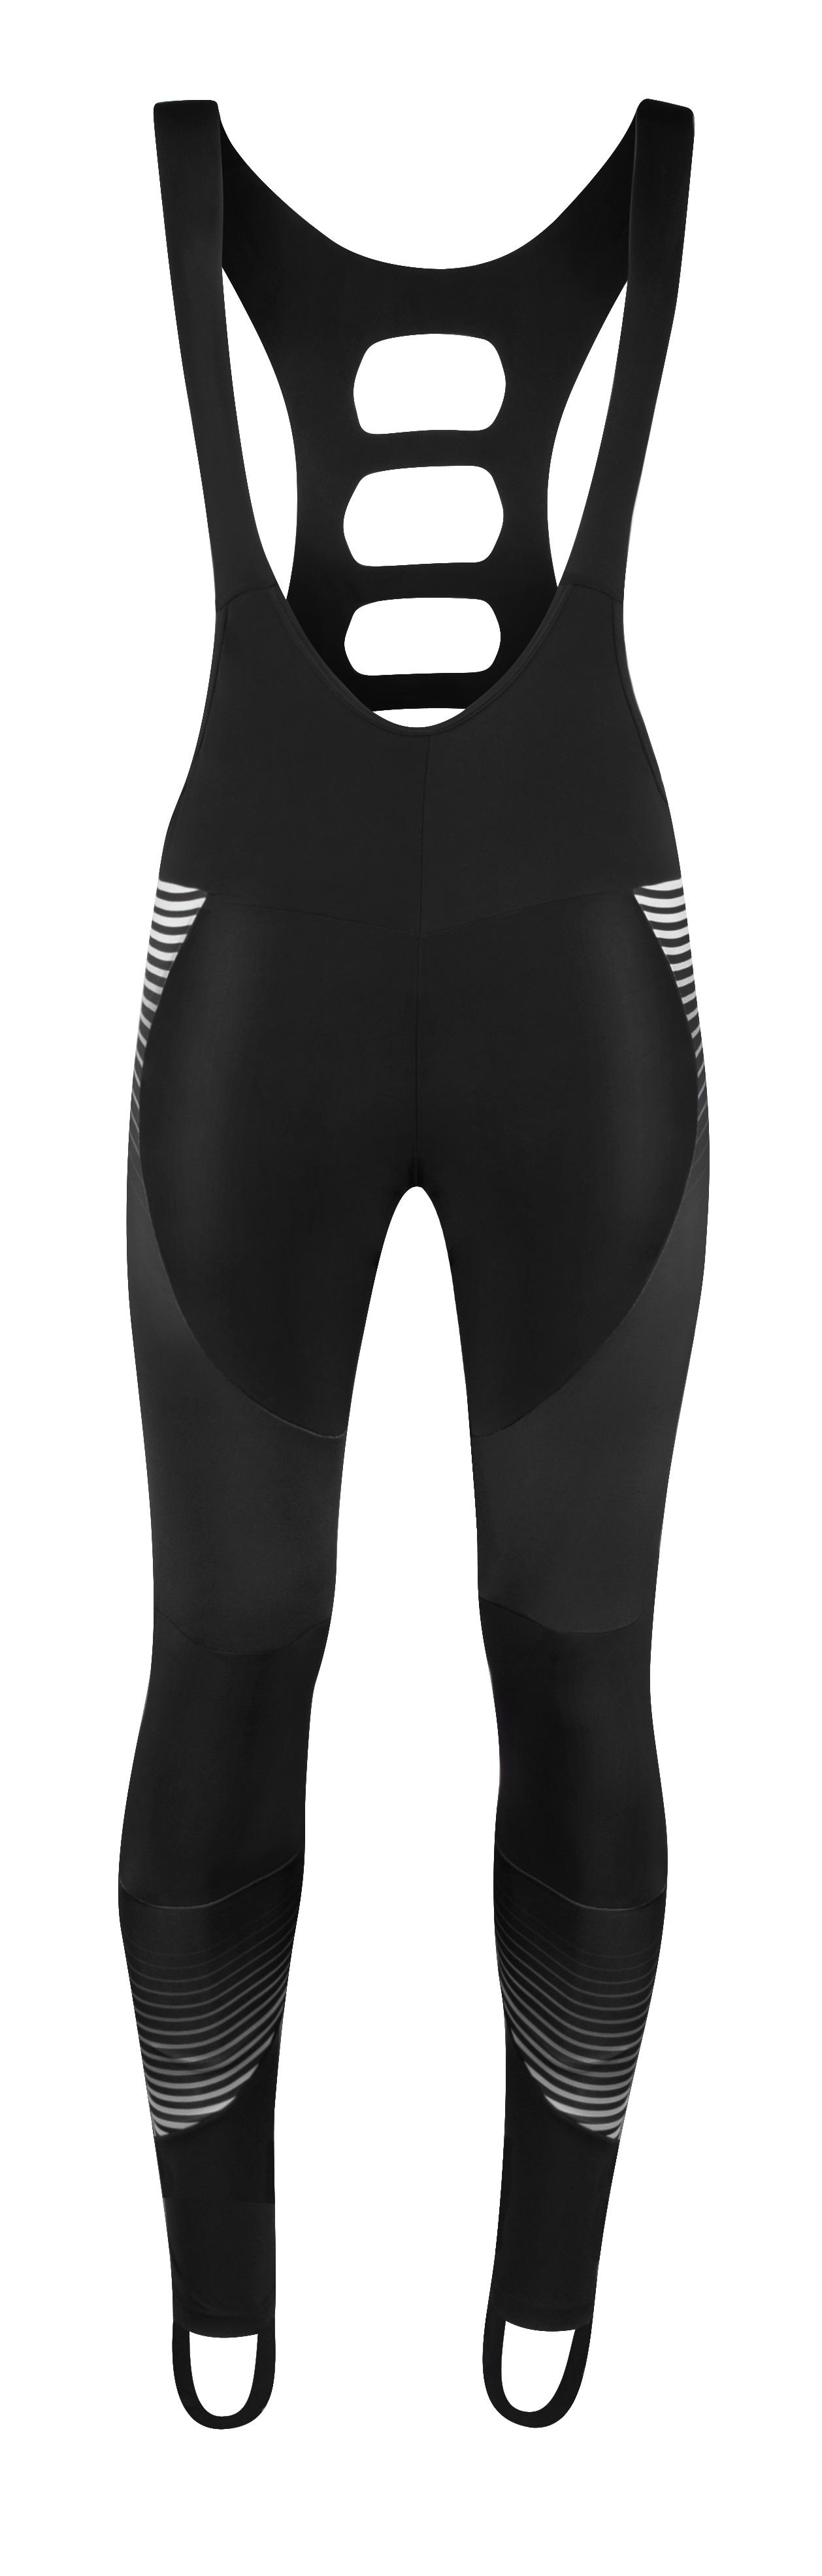 kalhoty F DRIFT WIND se šráky bez vložky,černé XL